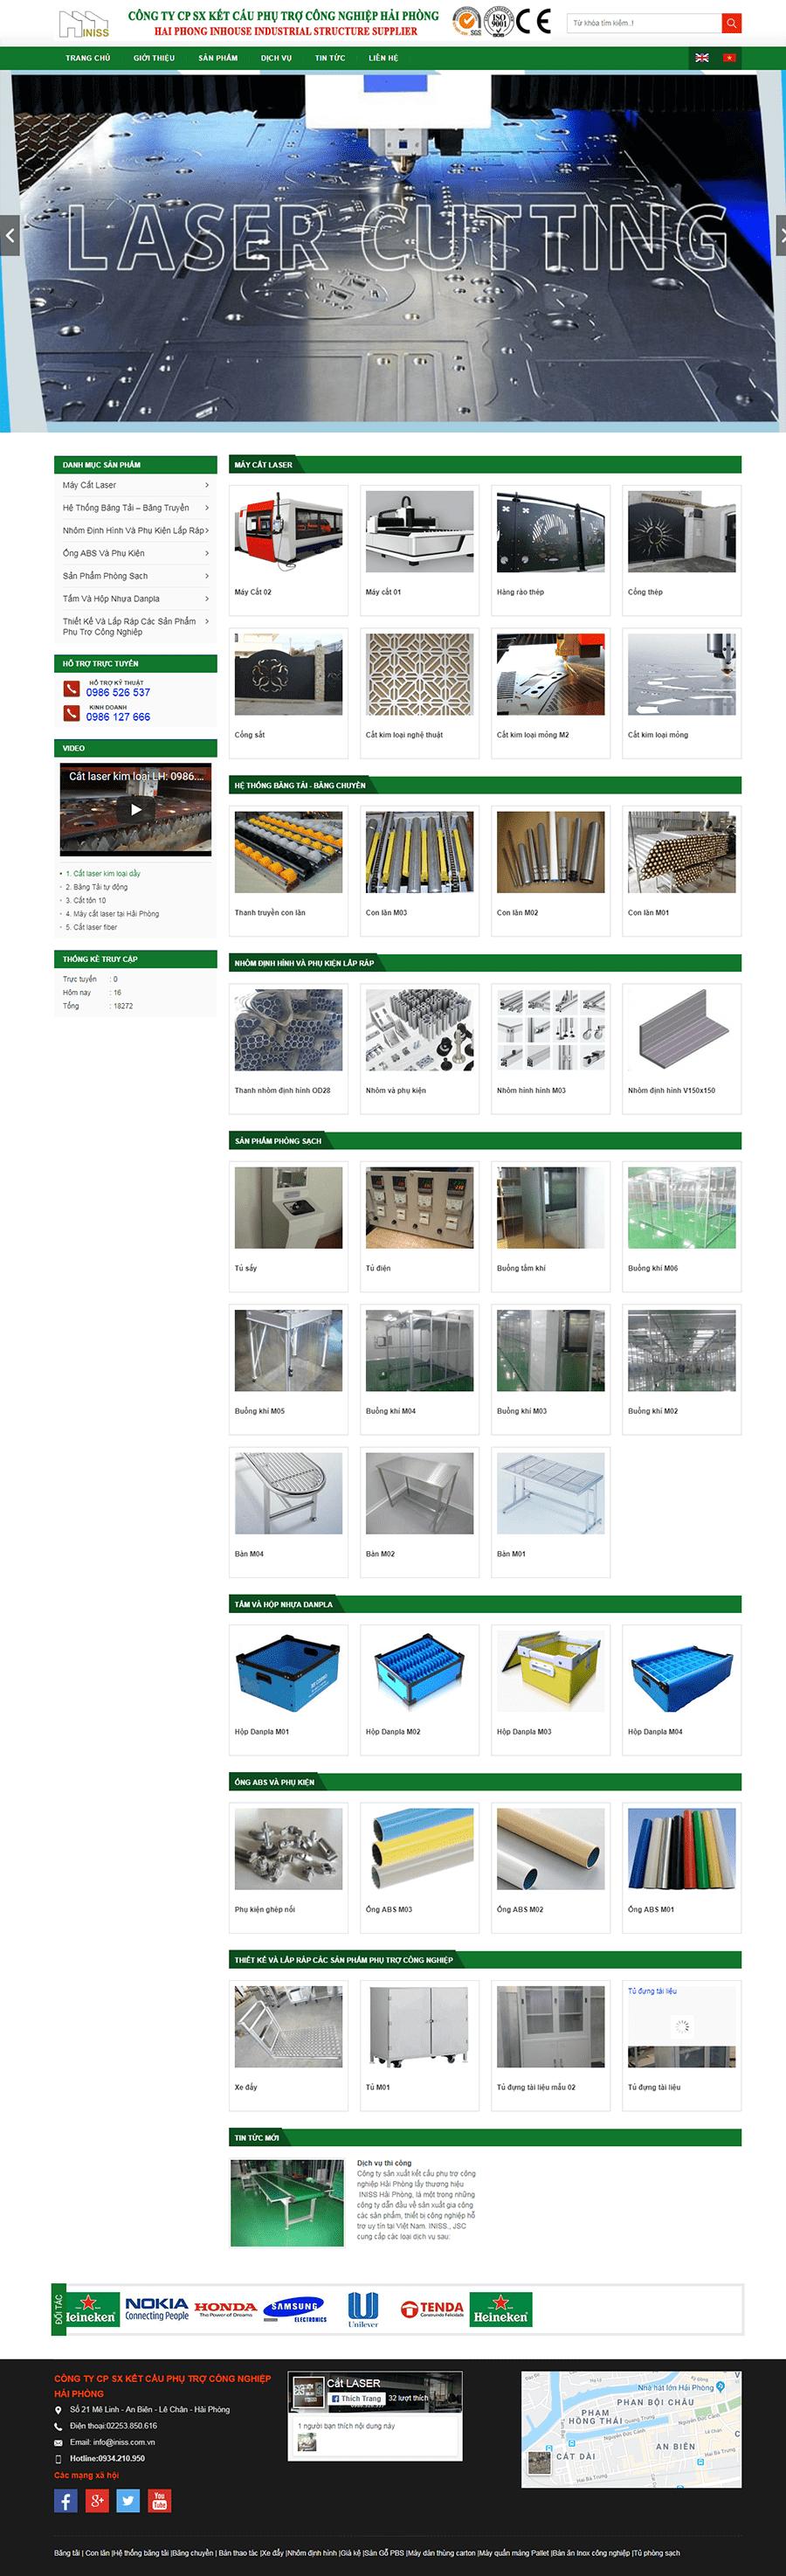 Thiết kế web bán kết cấu phụ trợ